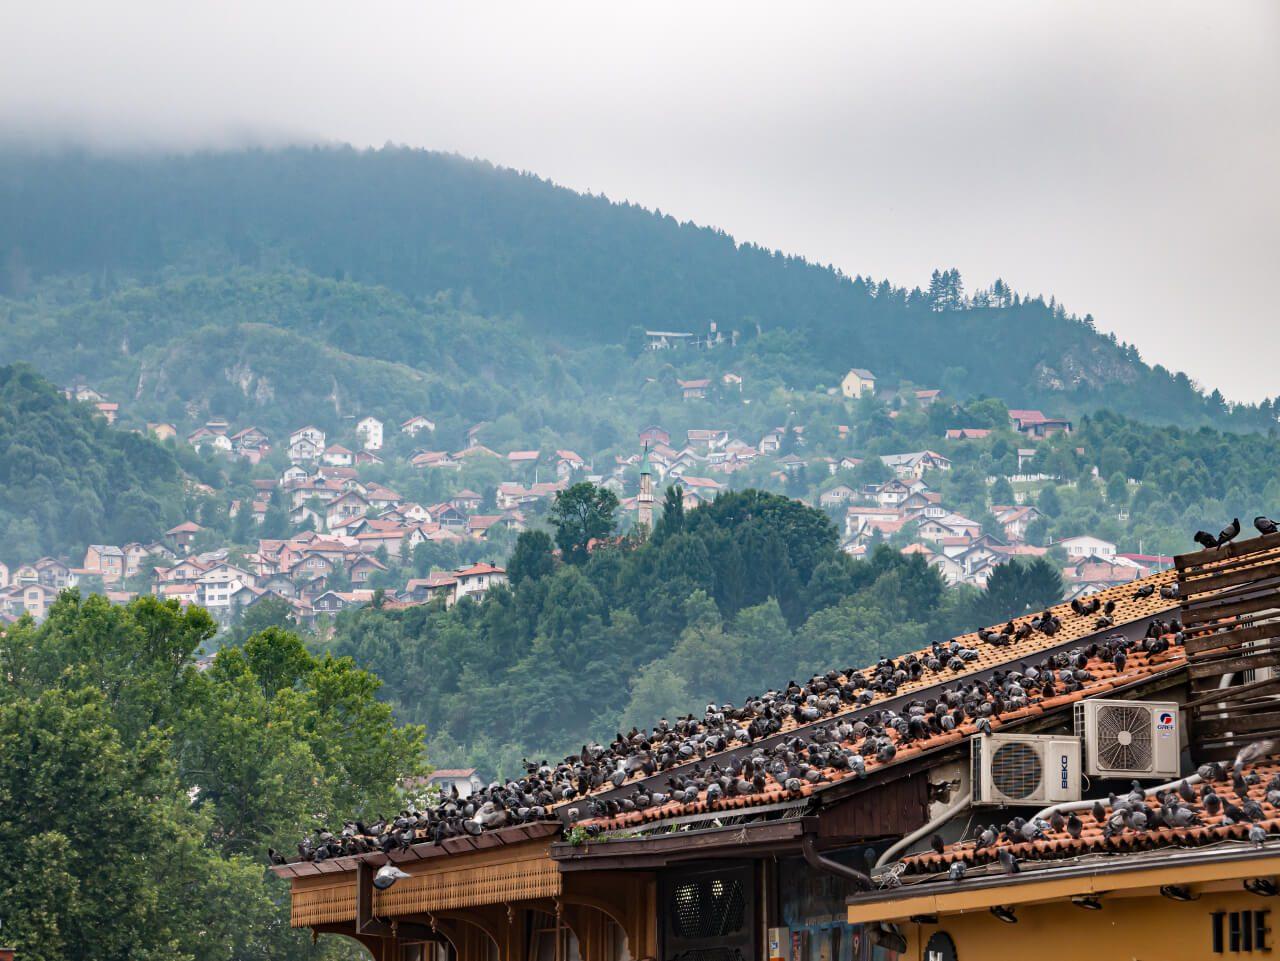 Targ Baščaršija z zabudowaniami Sarajewa w tle